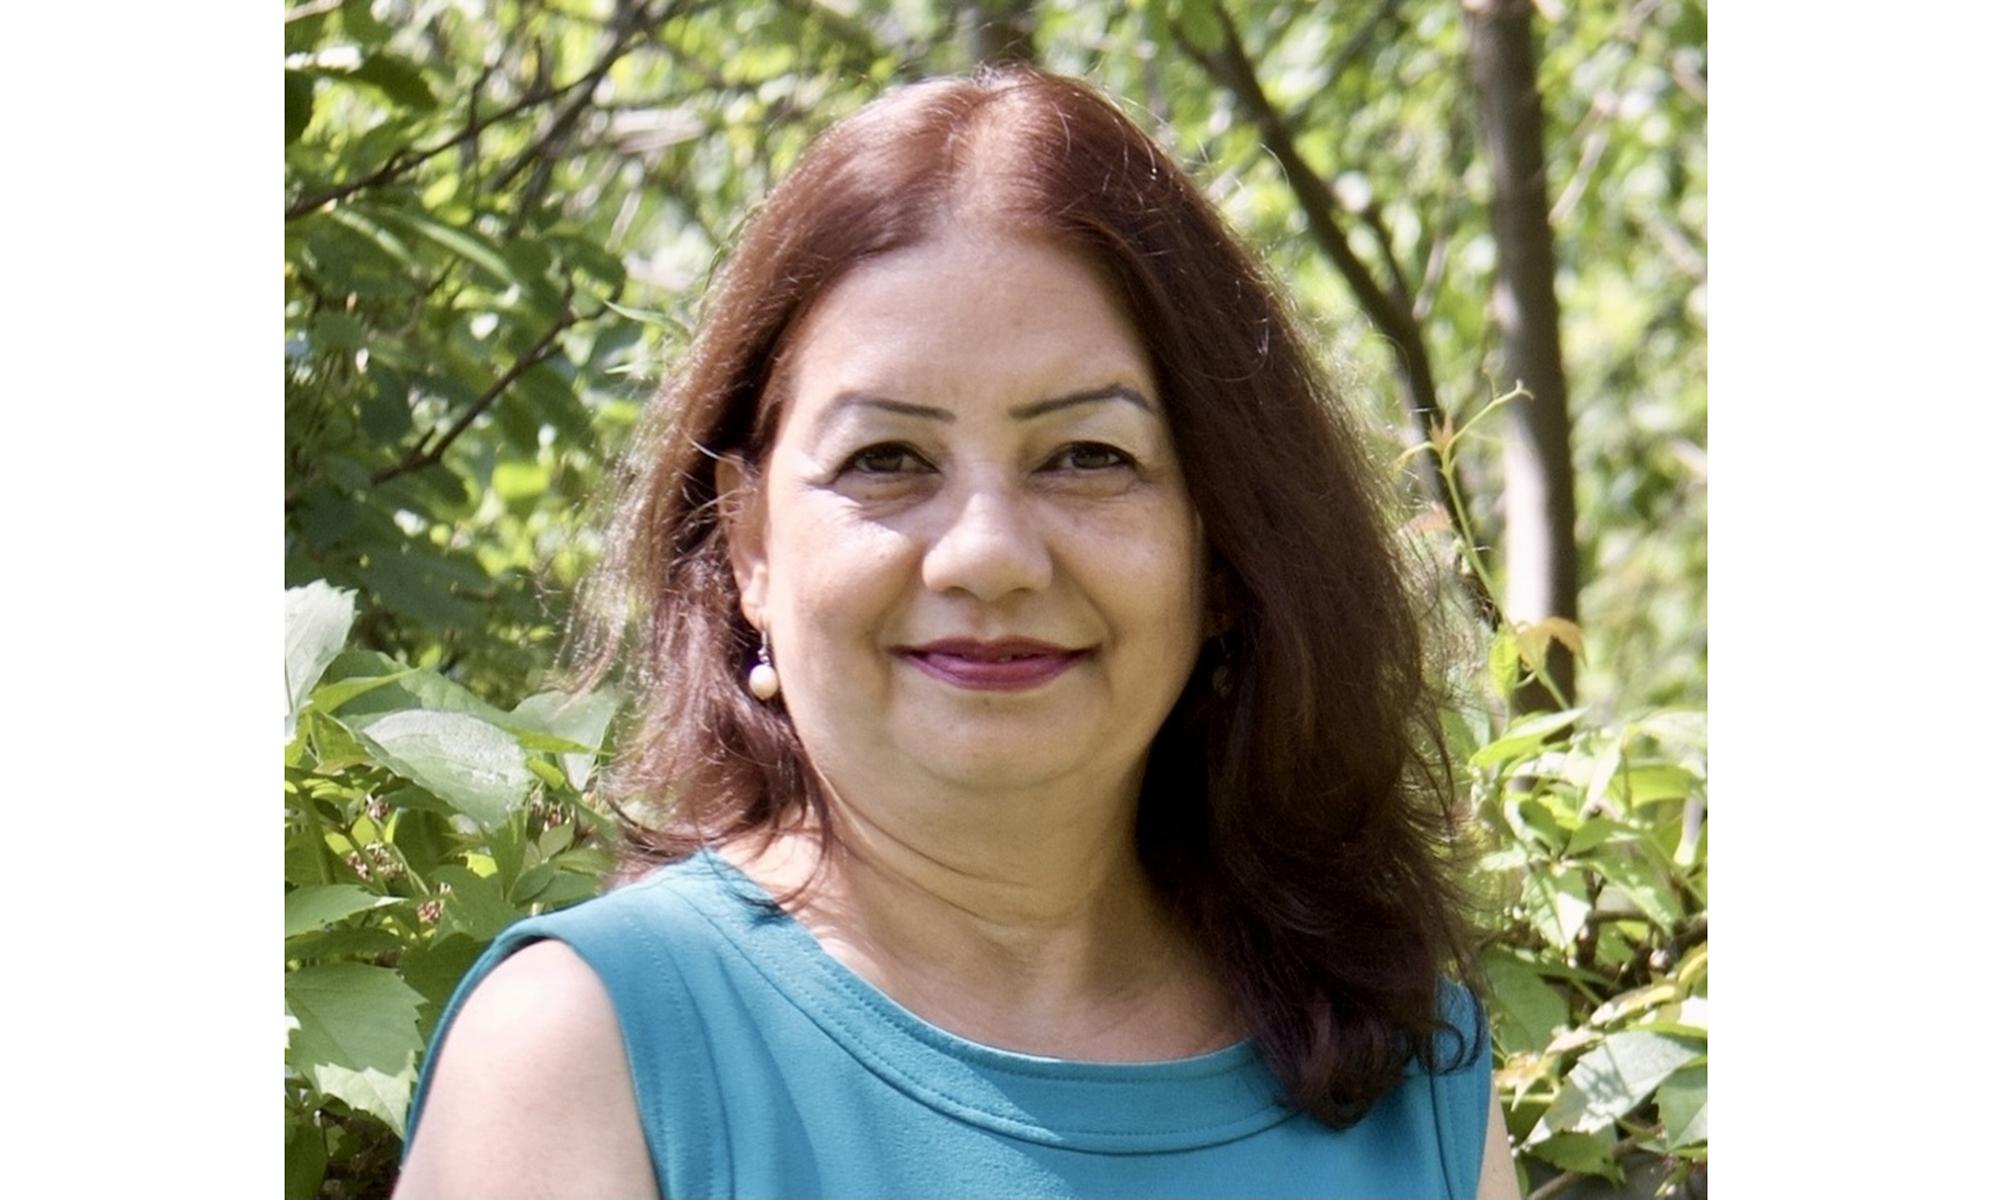 Afroza Hossain